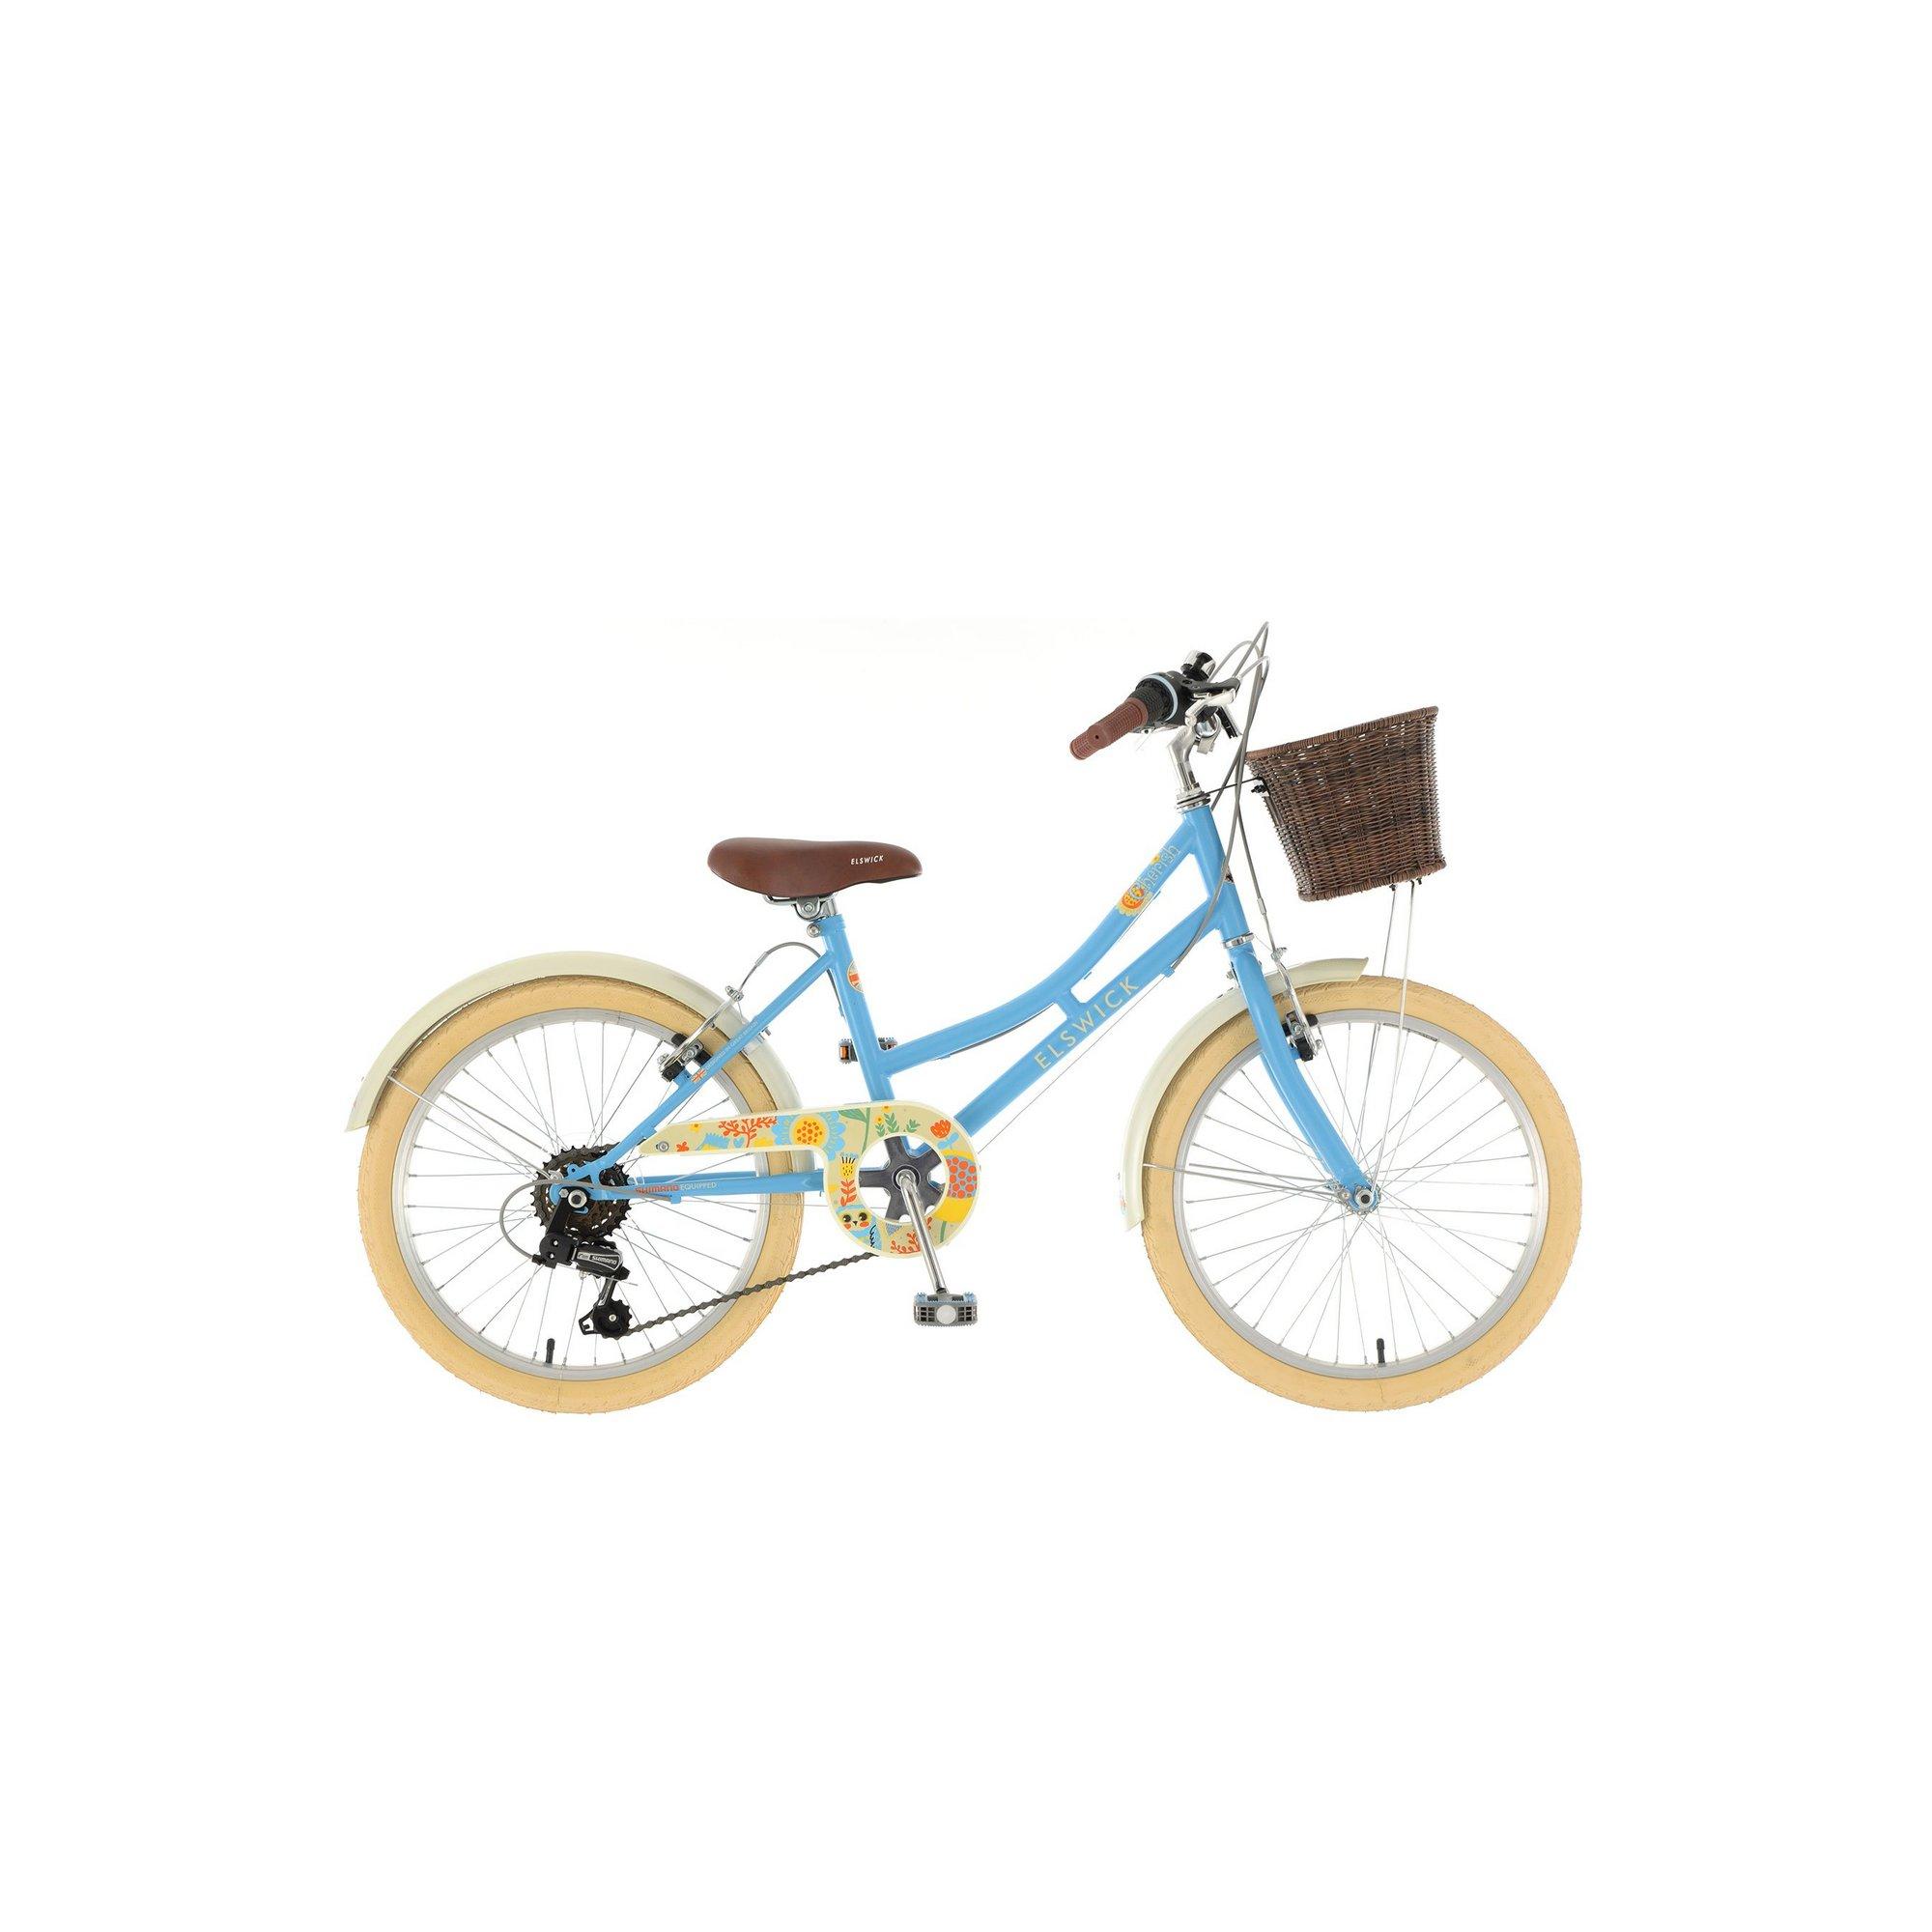 Image of Elswick 20 Inch Cherish Bike